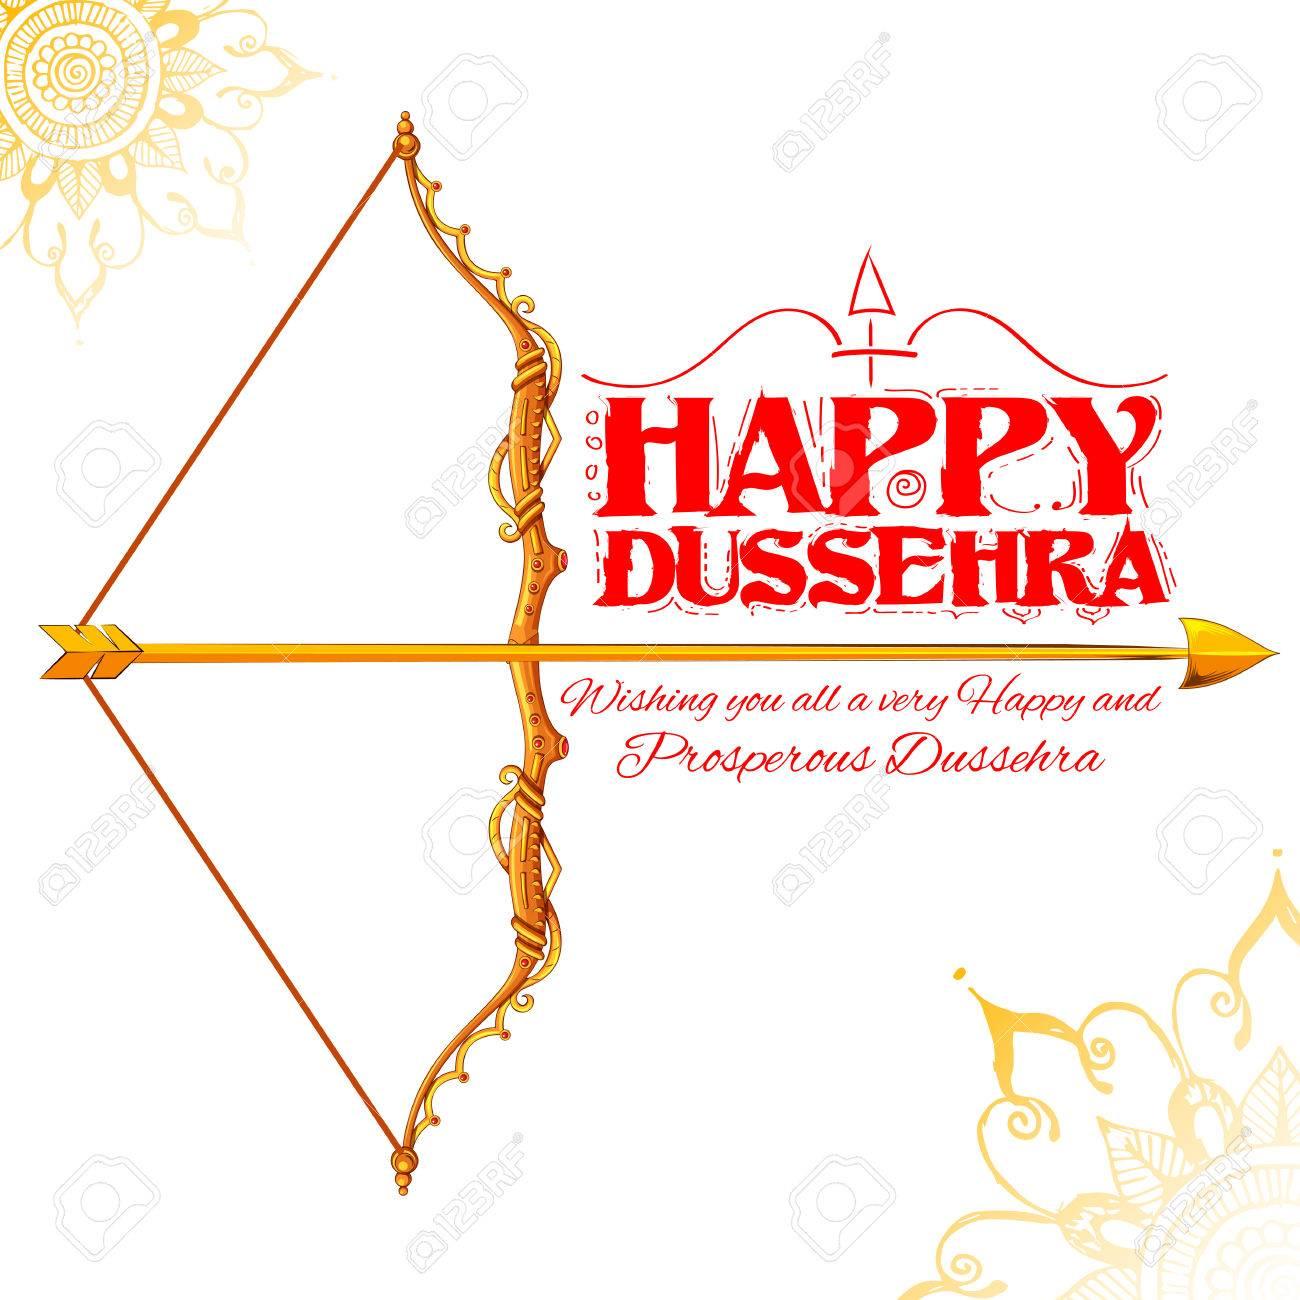 インドの背景の幸せこれ Dussehra 祭り弓矢のイラストのイラスト素材